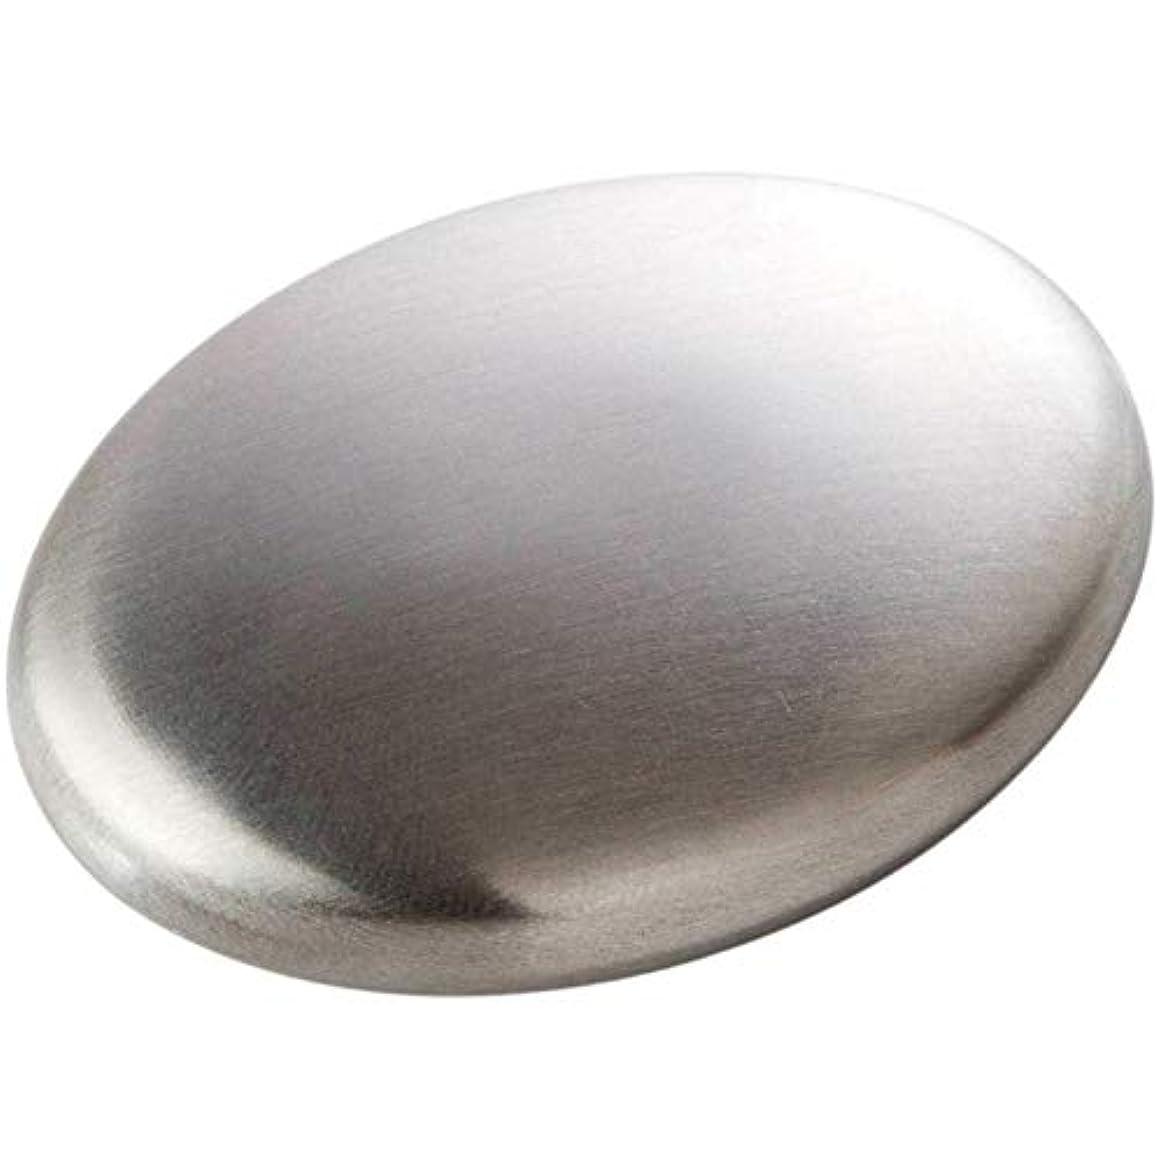 瀬戸際連邦可能性せっけん ステンレス鋼 消臭 石鹸 にんにくと魚のような臭いを取り除き ステンレス鋼 臭気除去剤 匂い除去剤 最新型 人気 実用的 Cutelove